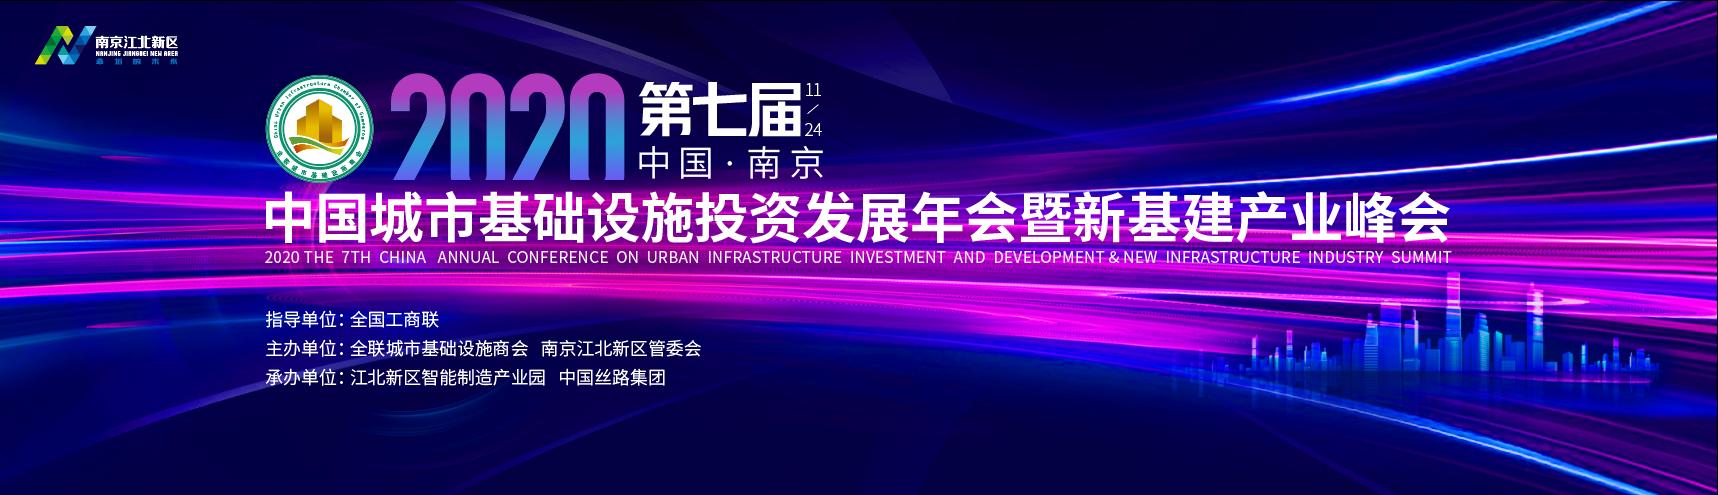 第七届中国城市基础设施投资发展年会11月24日在宁召开图片